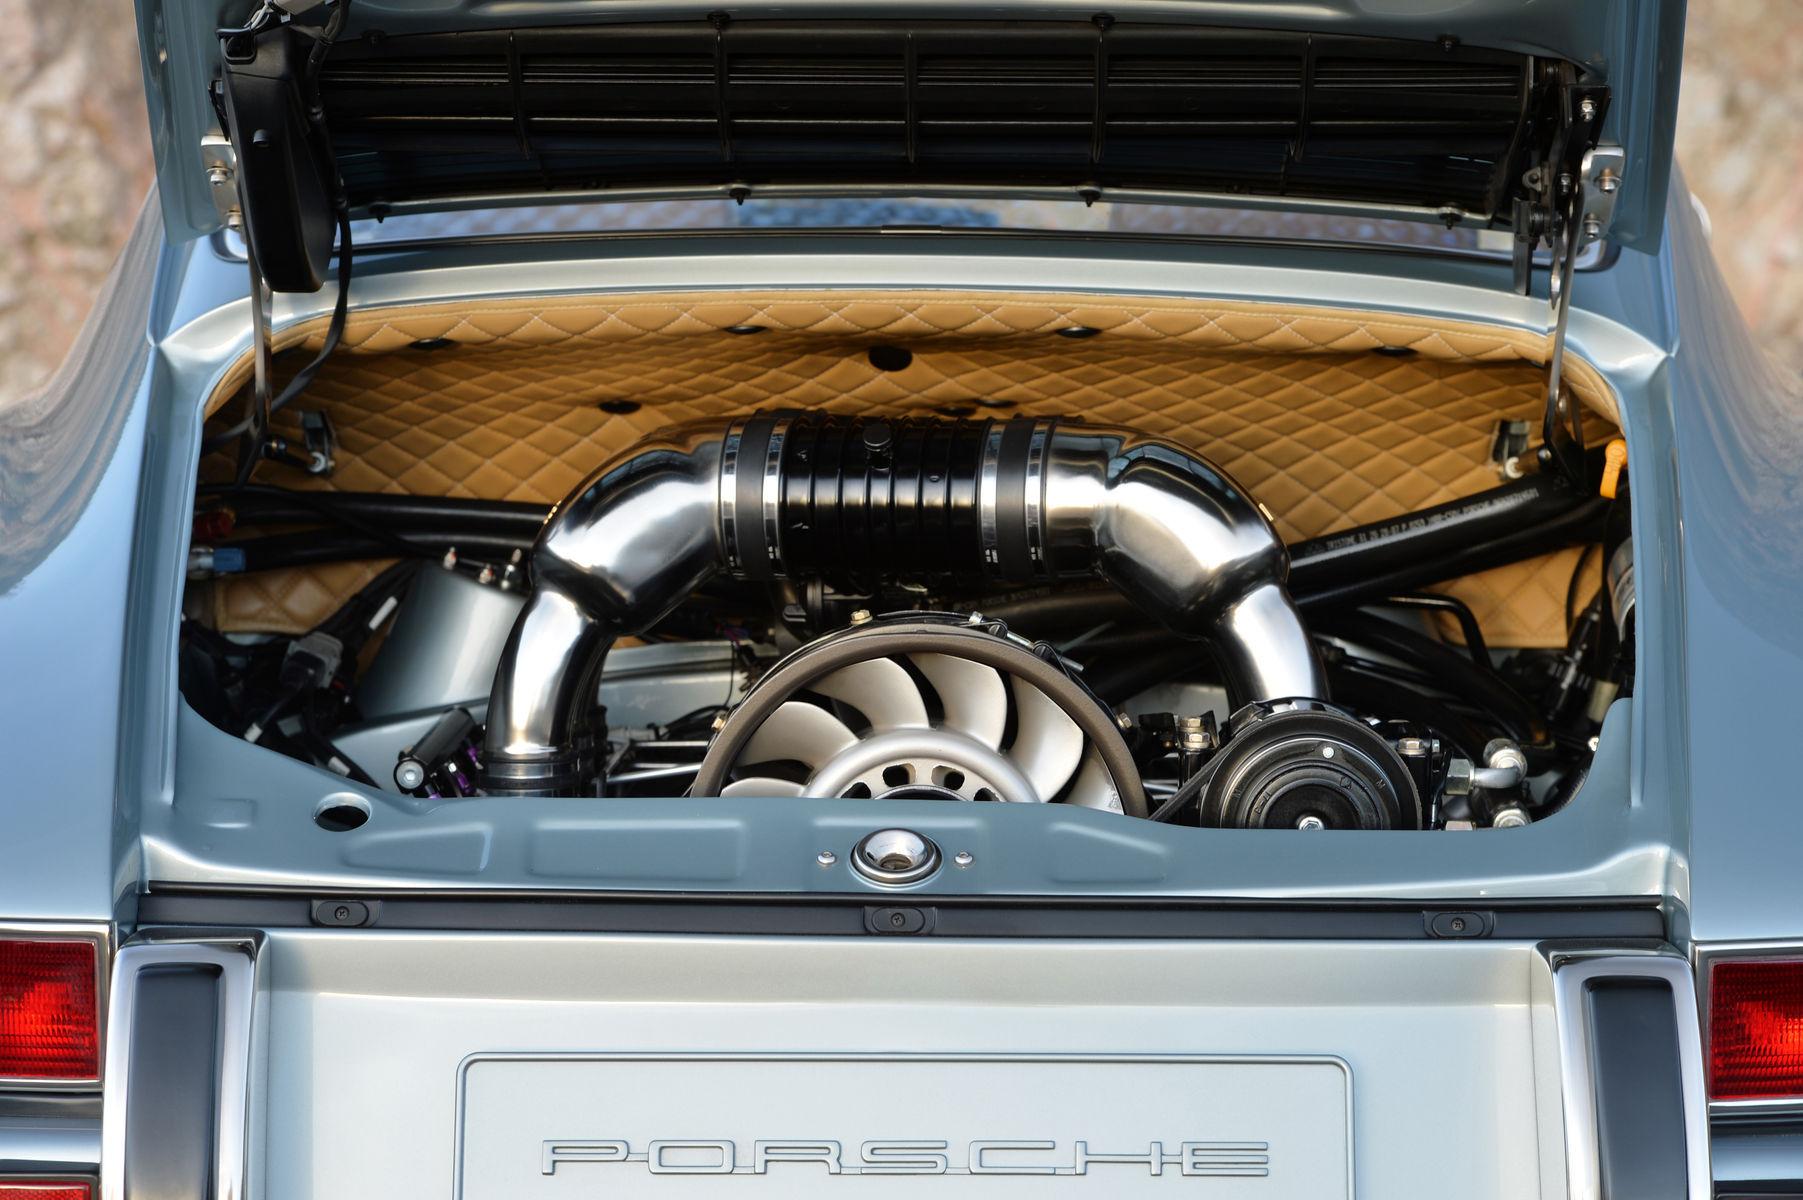 Porsche 911 | Singer 911